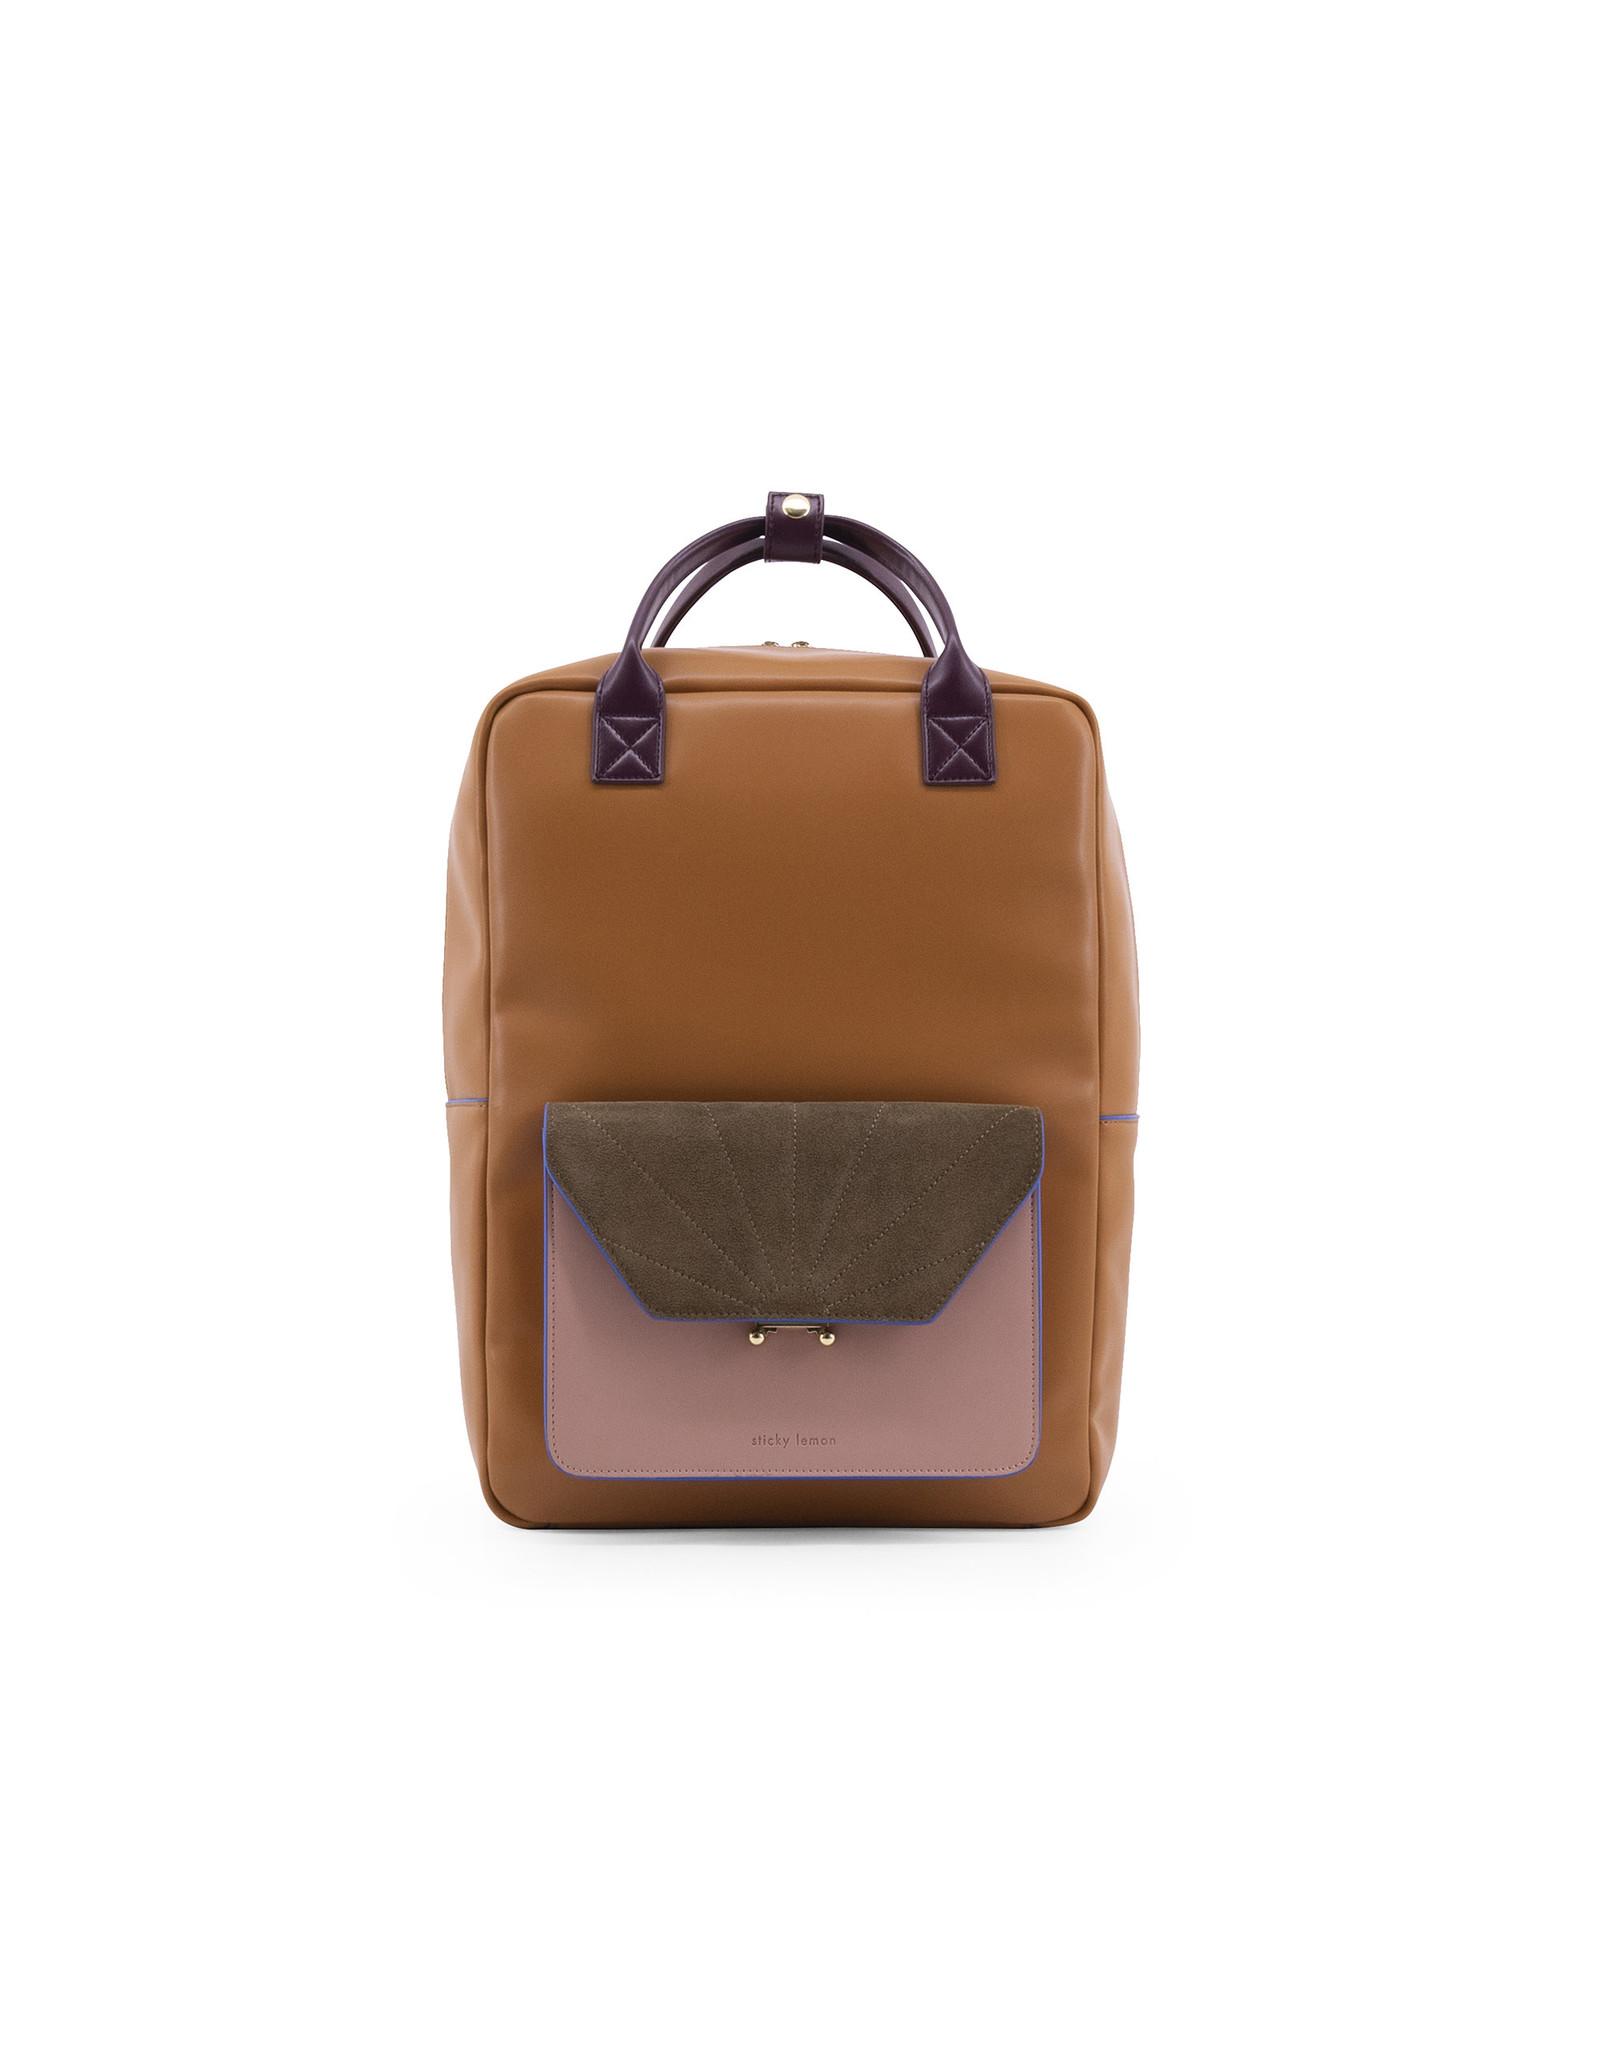 Rugzak/laptoptas retro camel kaki roze